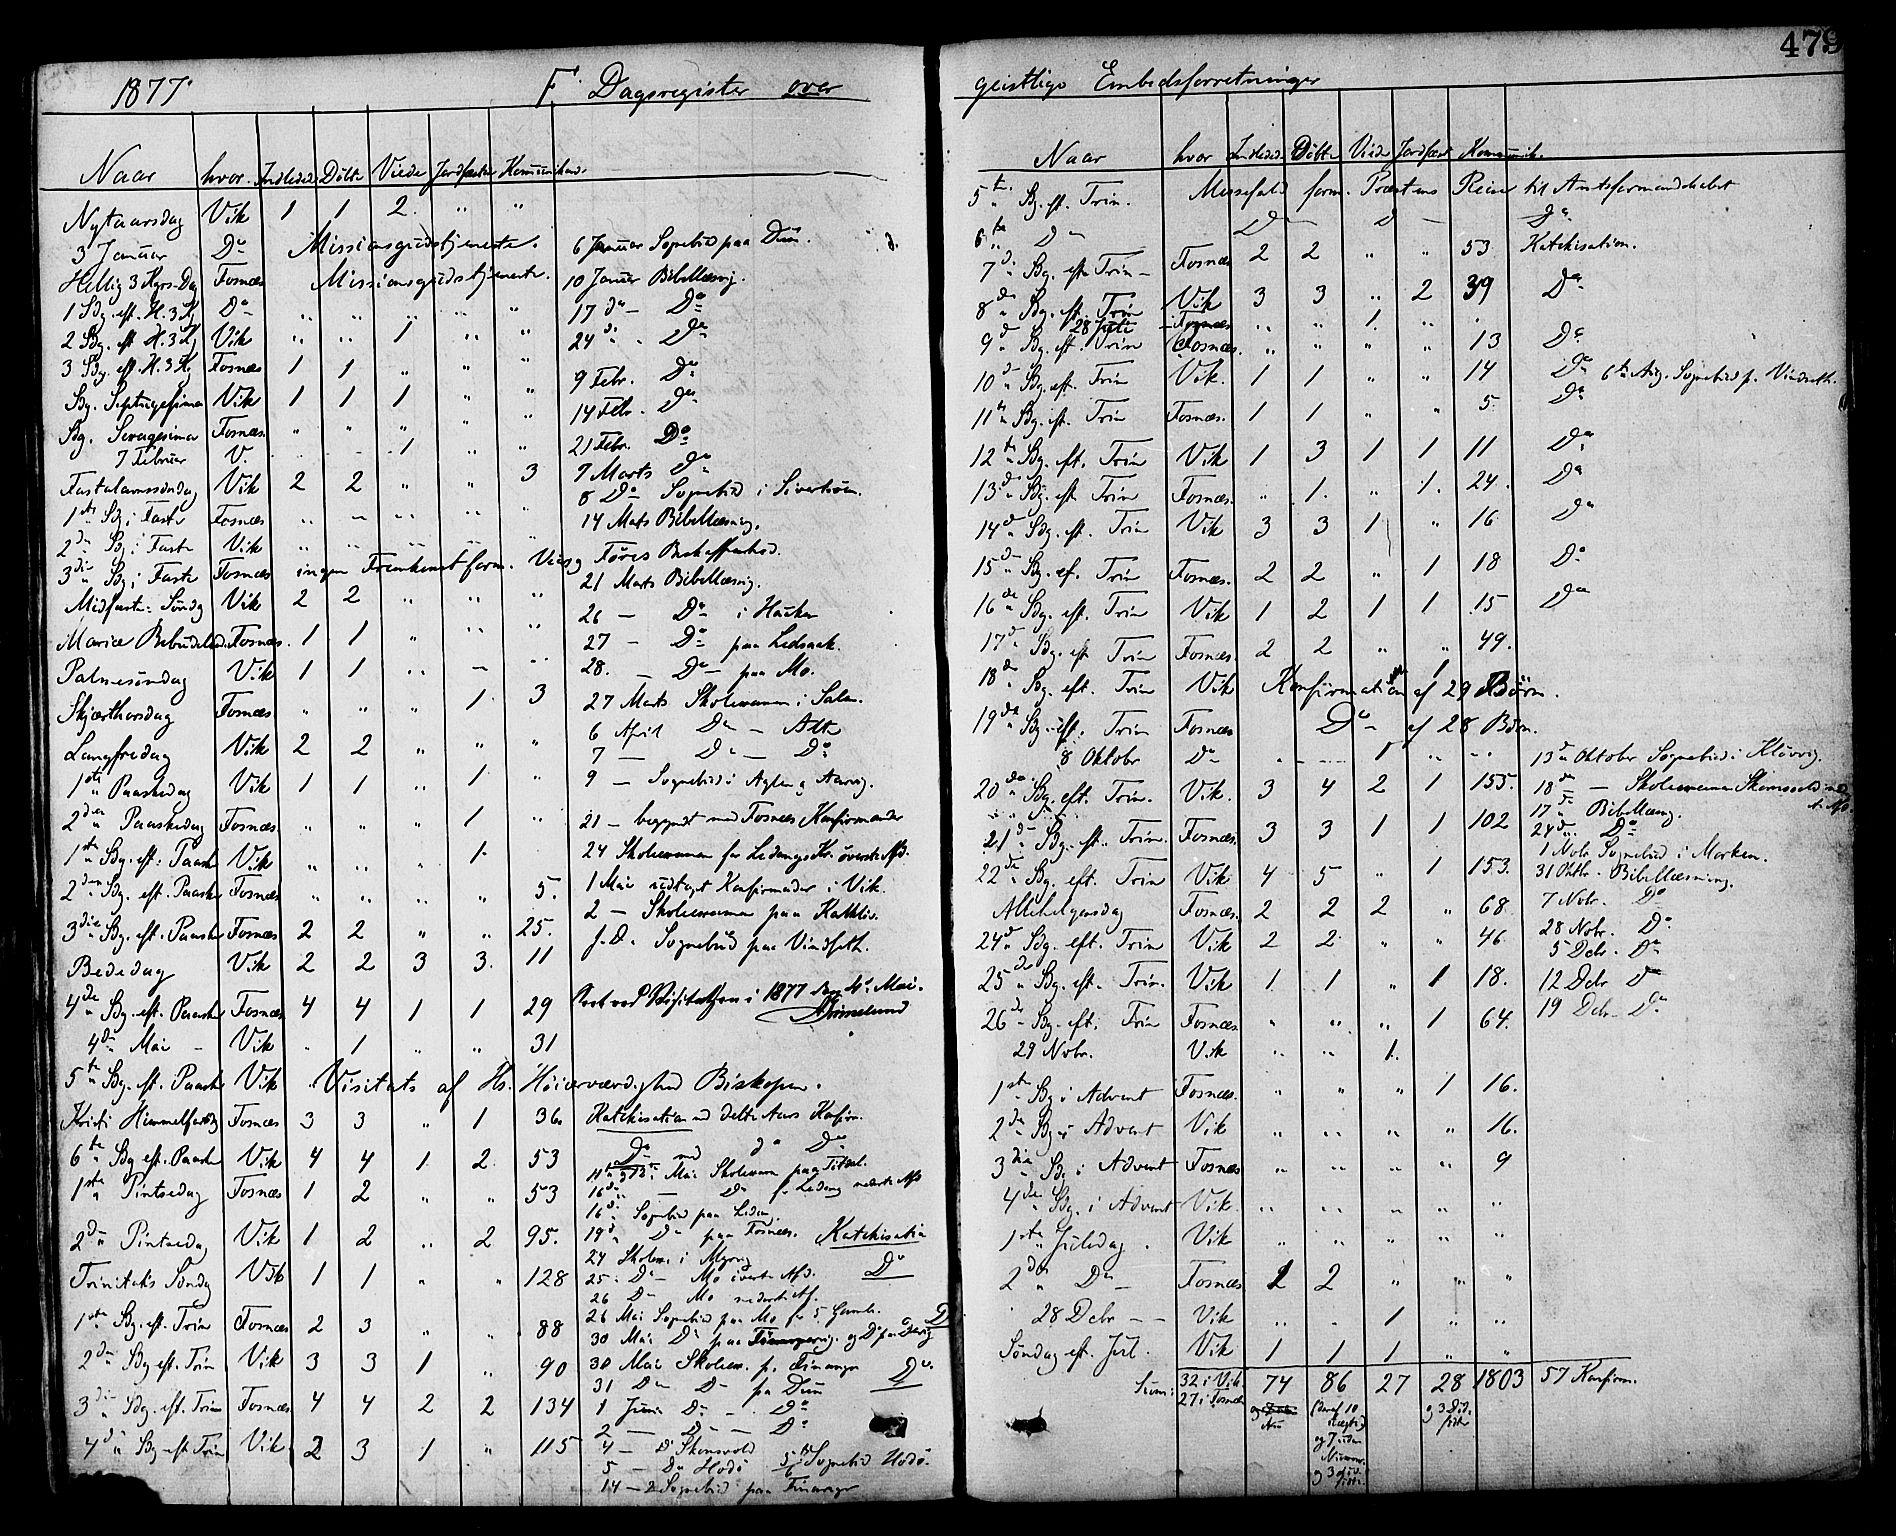 SAT, Ministerialprotokoller, klokkerbøker og fødselsregistre - Nord-Trøndelag, 773/L0616: Ministerialbok nr. 773A07, 1870-1887, s. 479